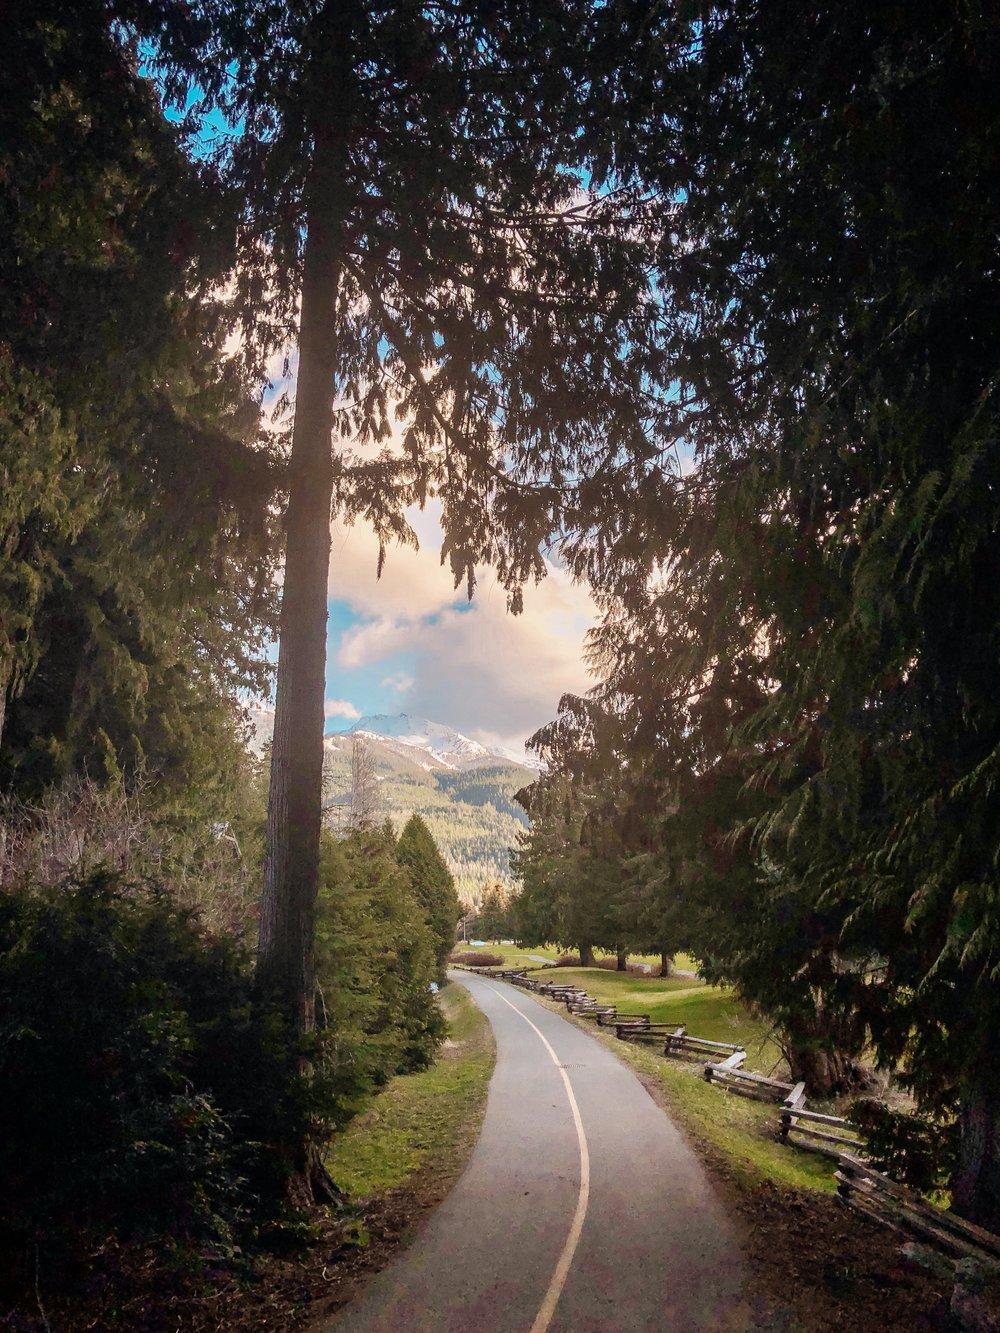 Whistler Valley Trail biking, running, walking trails